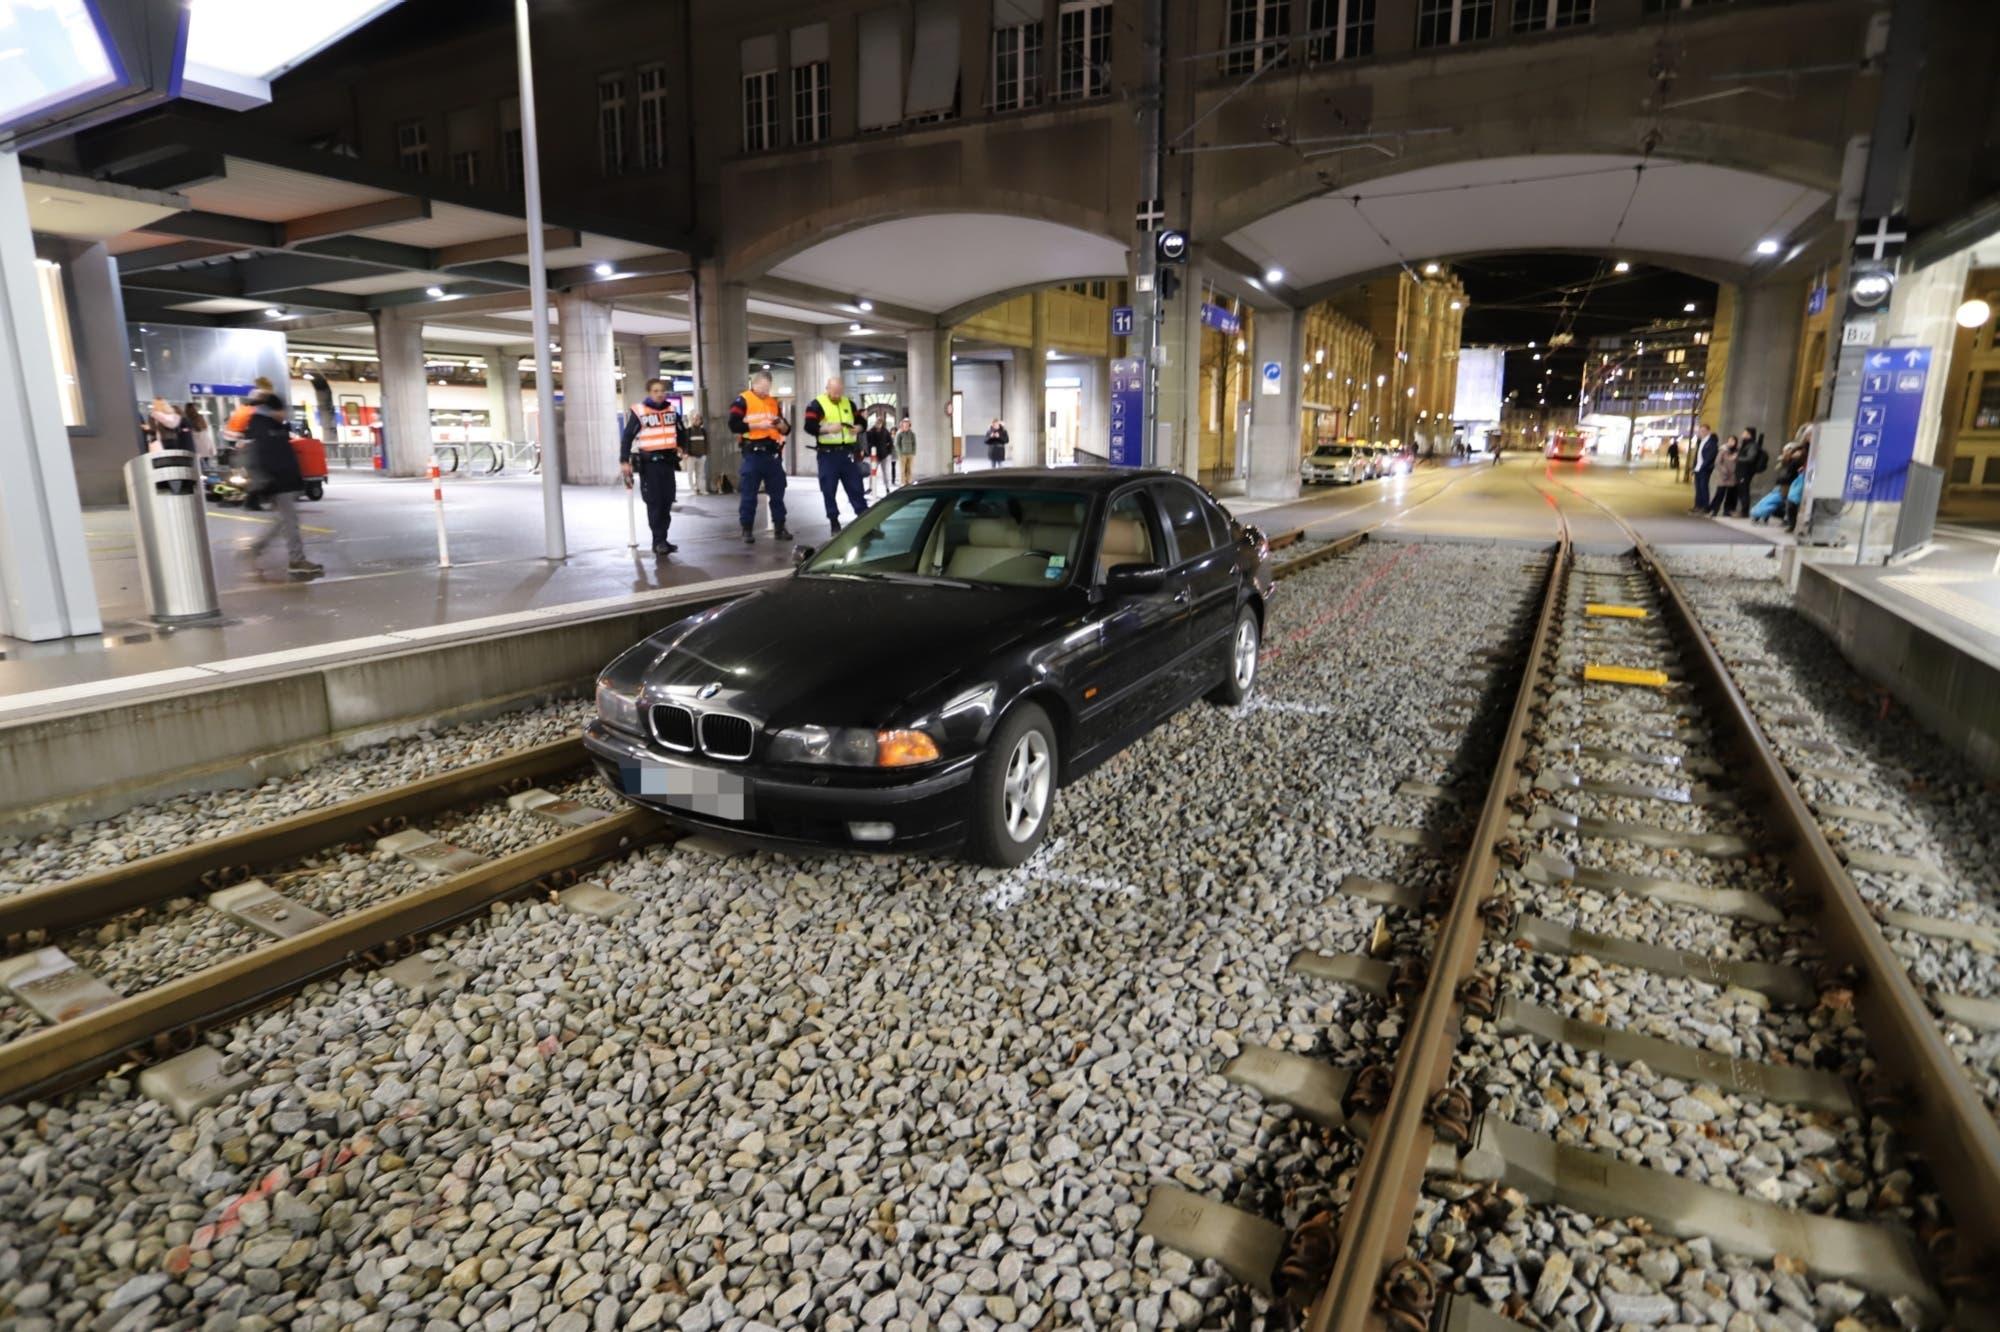 Montag, 3. Februar 2020: Der nüchterne, aber ortsunkundige Autofahrer bemerkte sofort, dass er sich mit seinem BMW auf dem Holzweg, respektive auf einer Schotterpiste befand und bremste sofort ab.